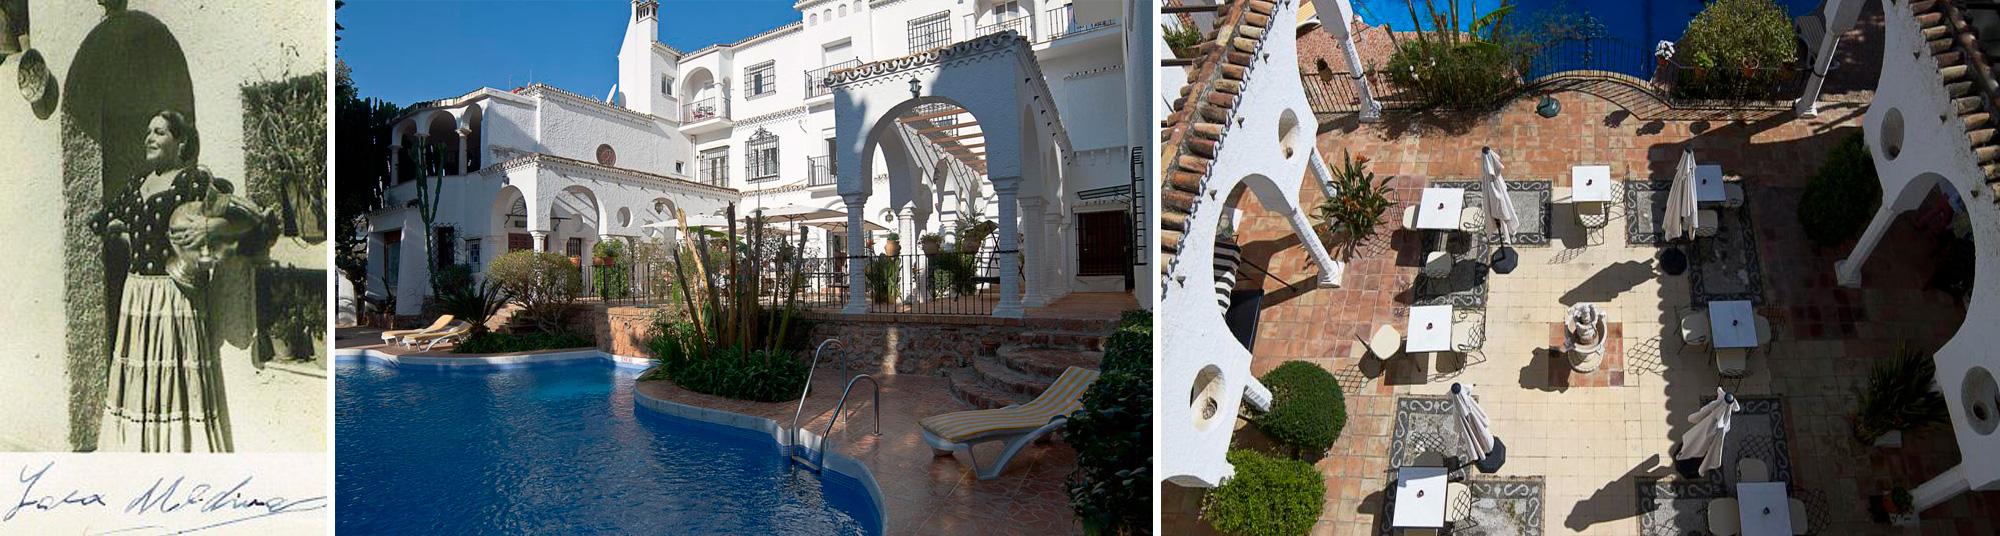 hotel_residencia_miami